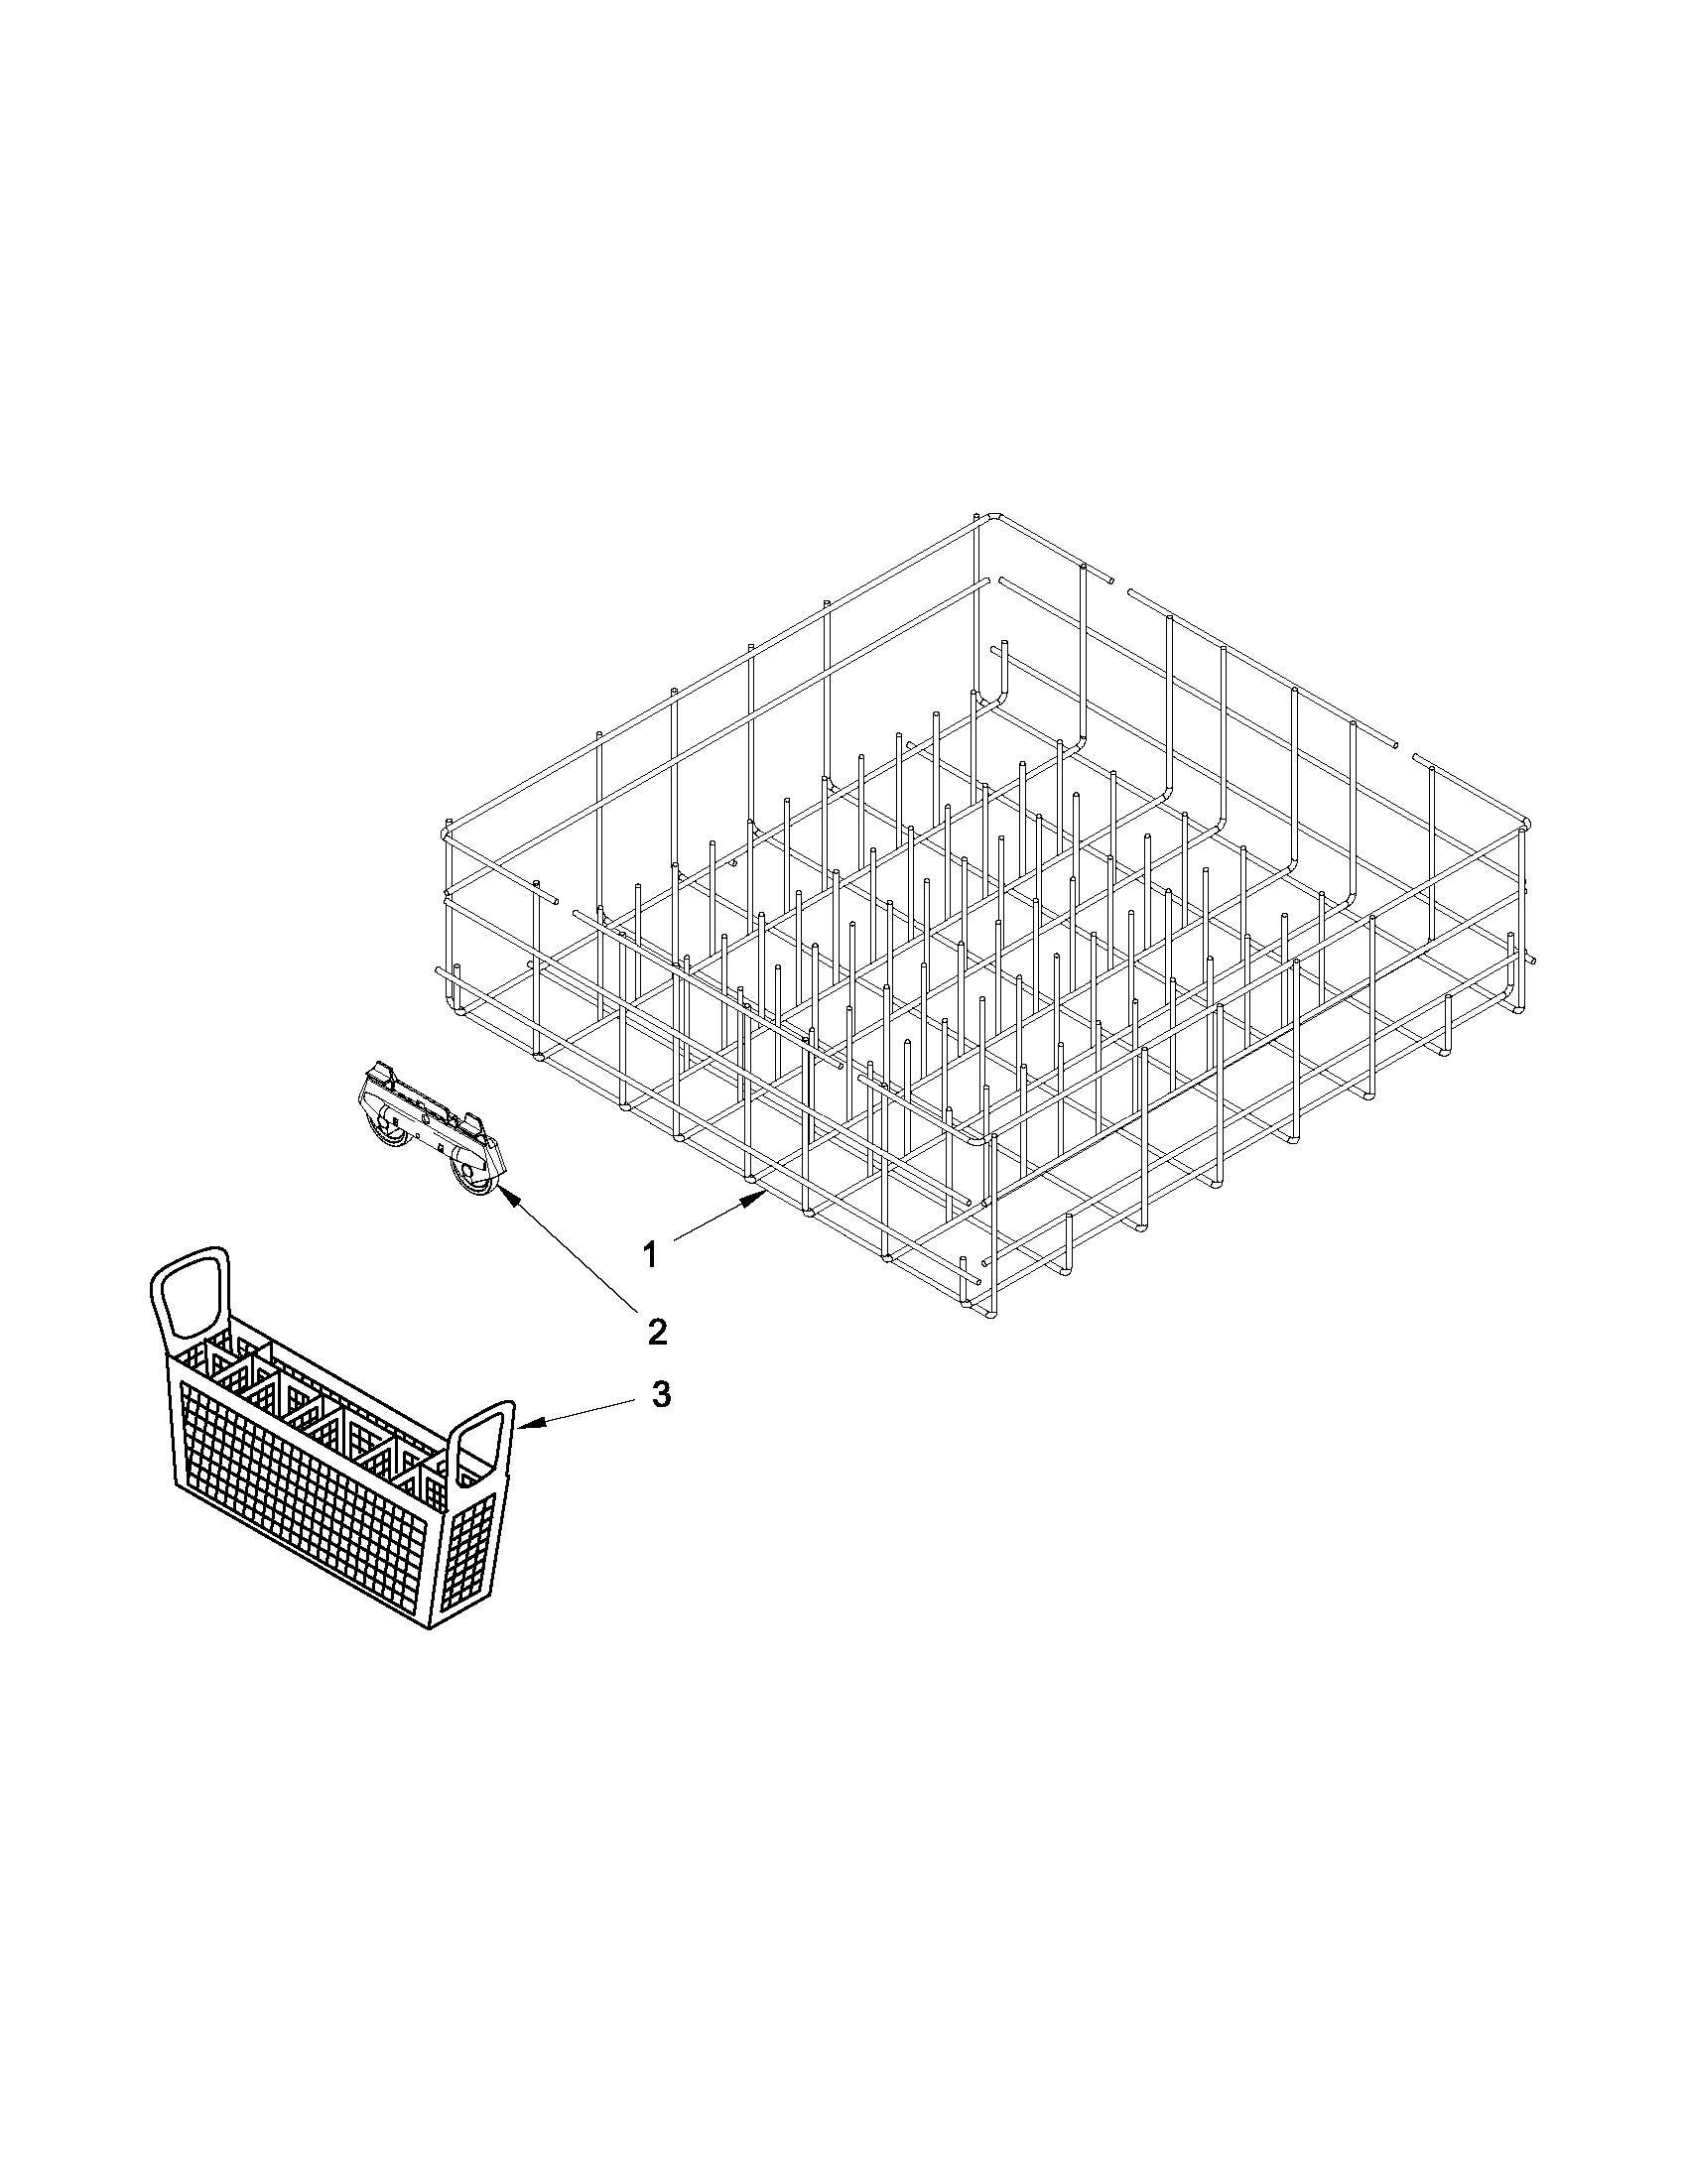 whirlpool dishwasher manual drain